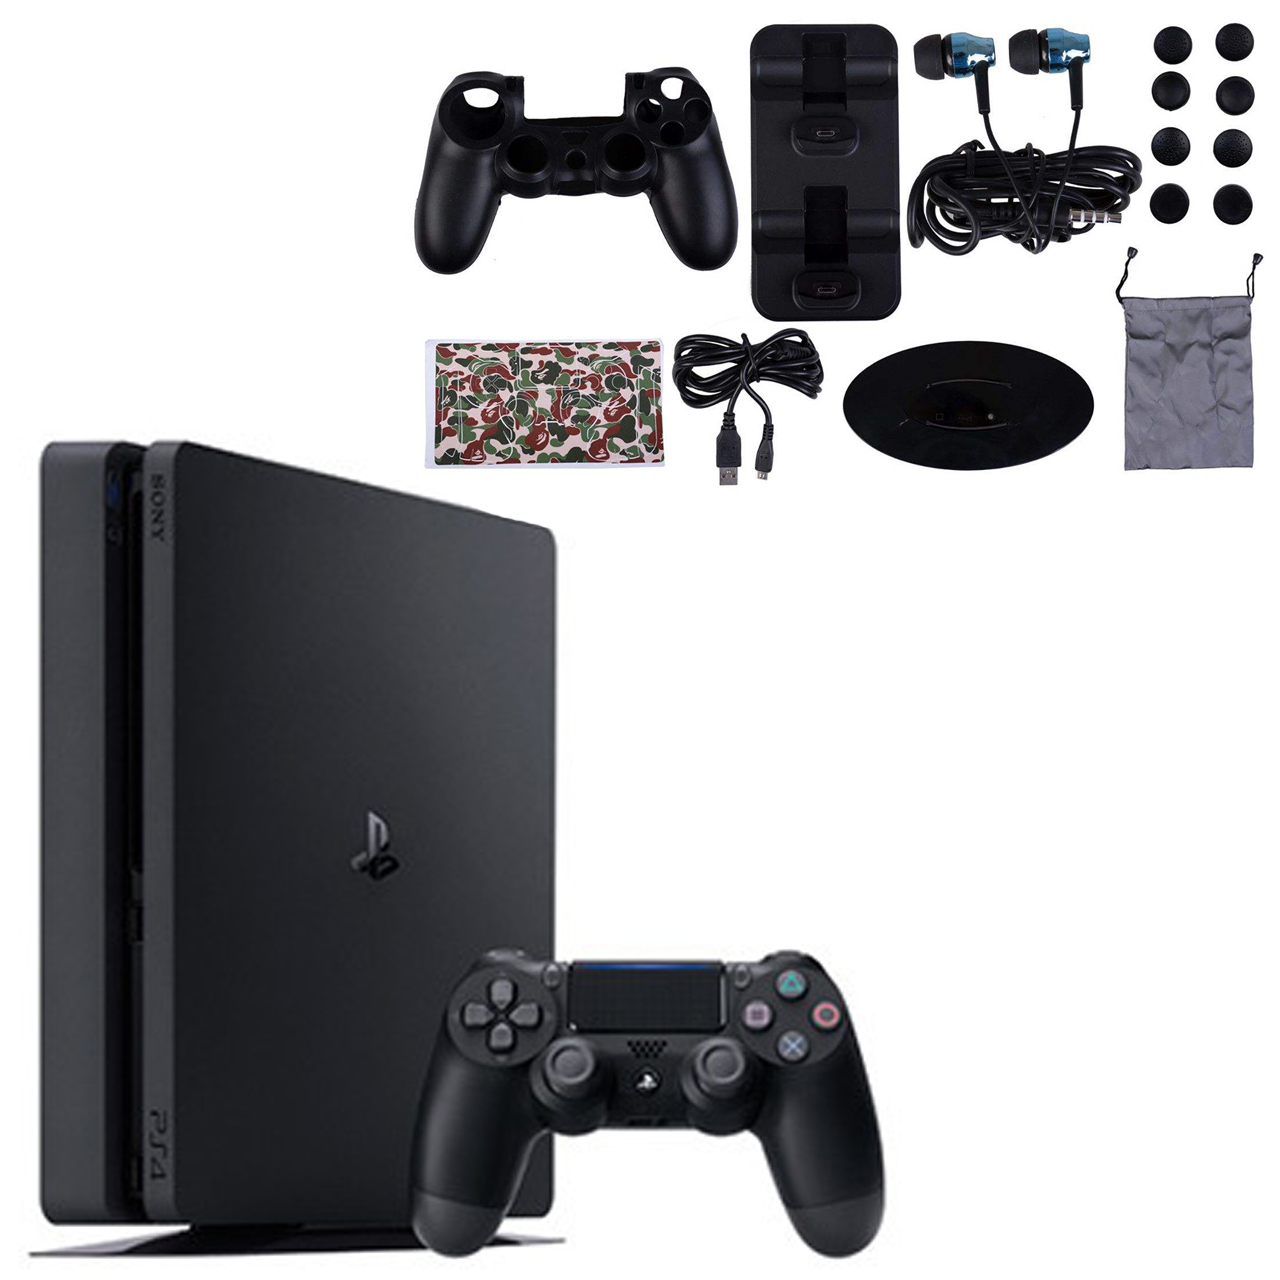 مجموعه کنسول بازی سونی مدل Playstation 4 Slim ریجن 1 کد CUH-2215B ظرفیت 1 ترابایت